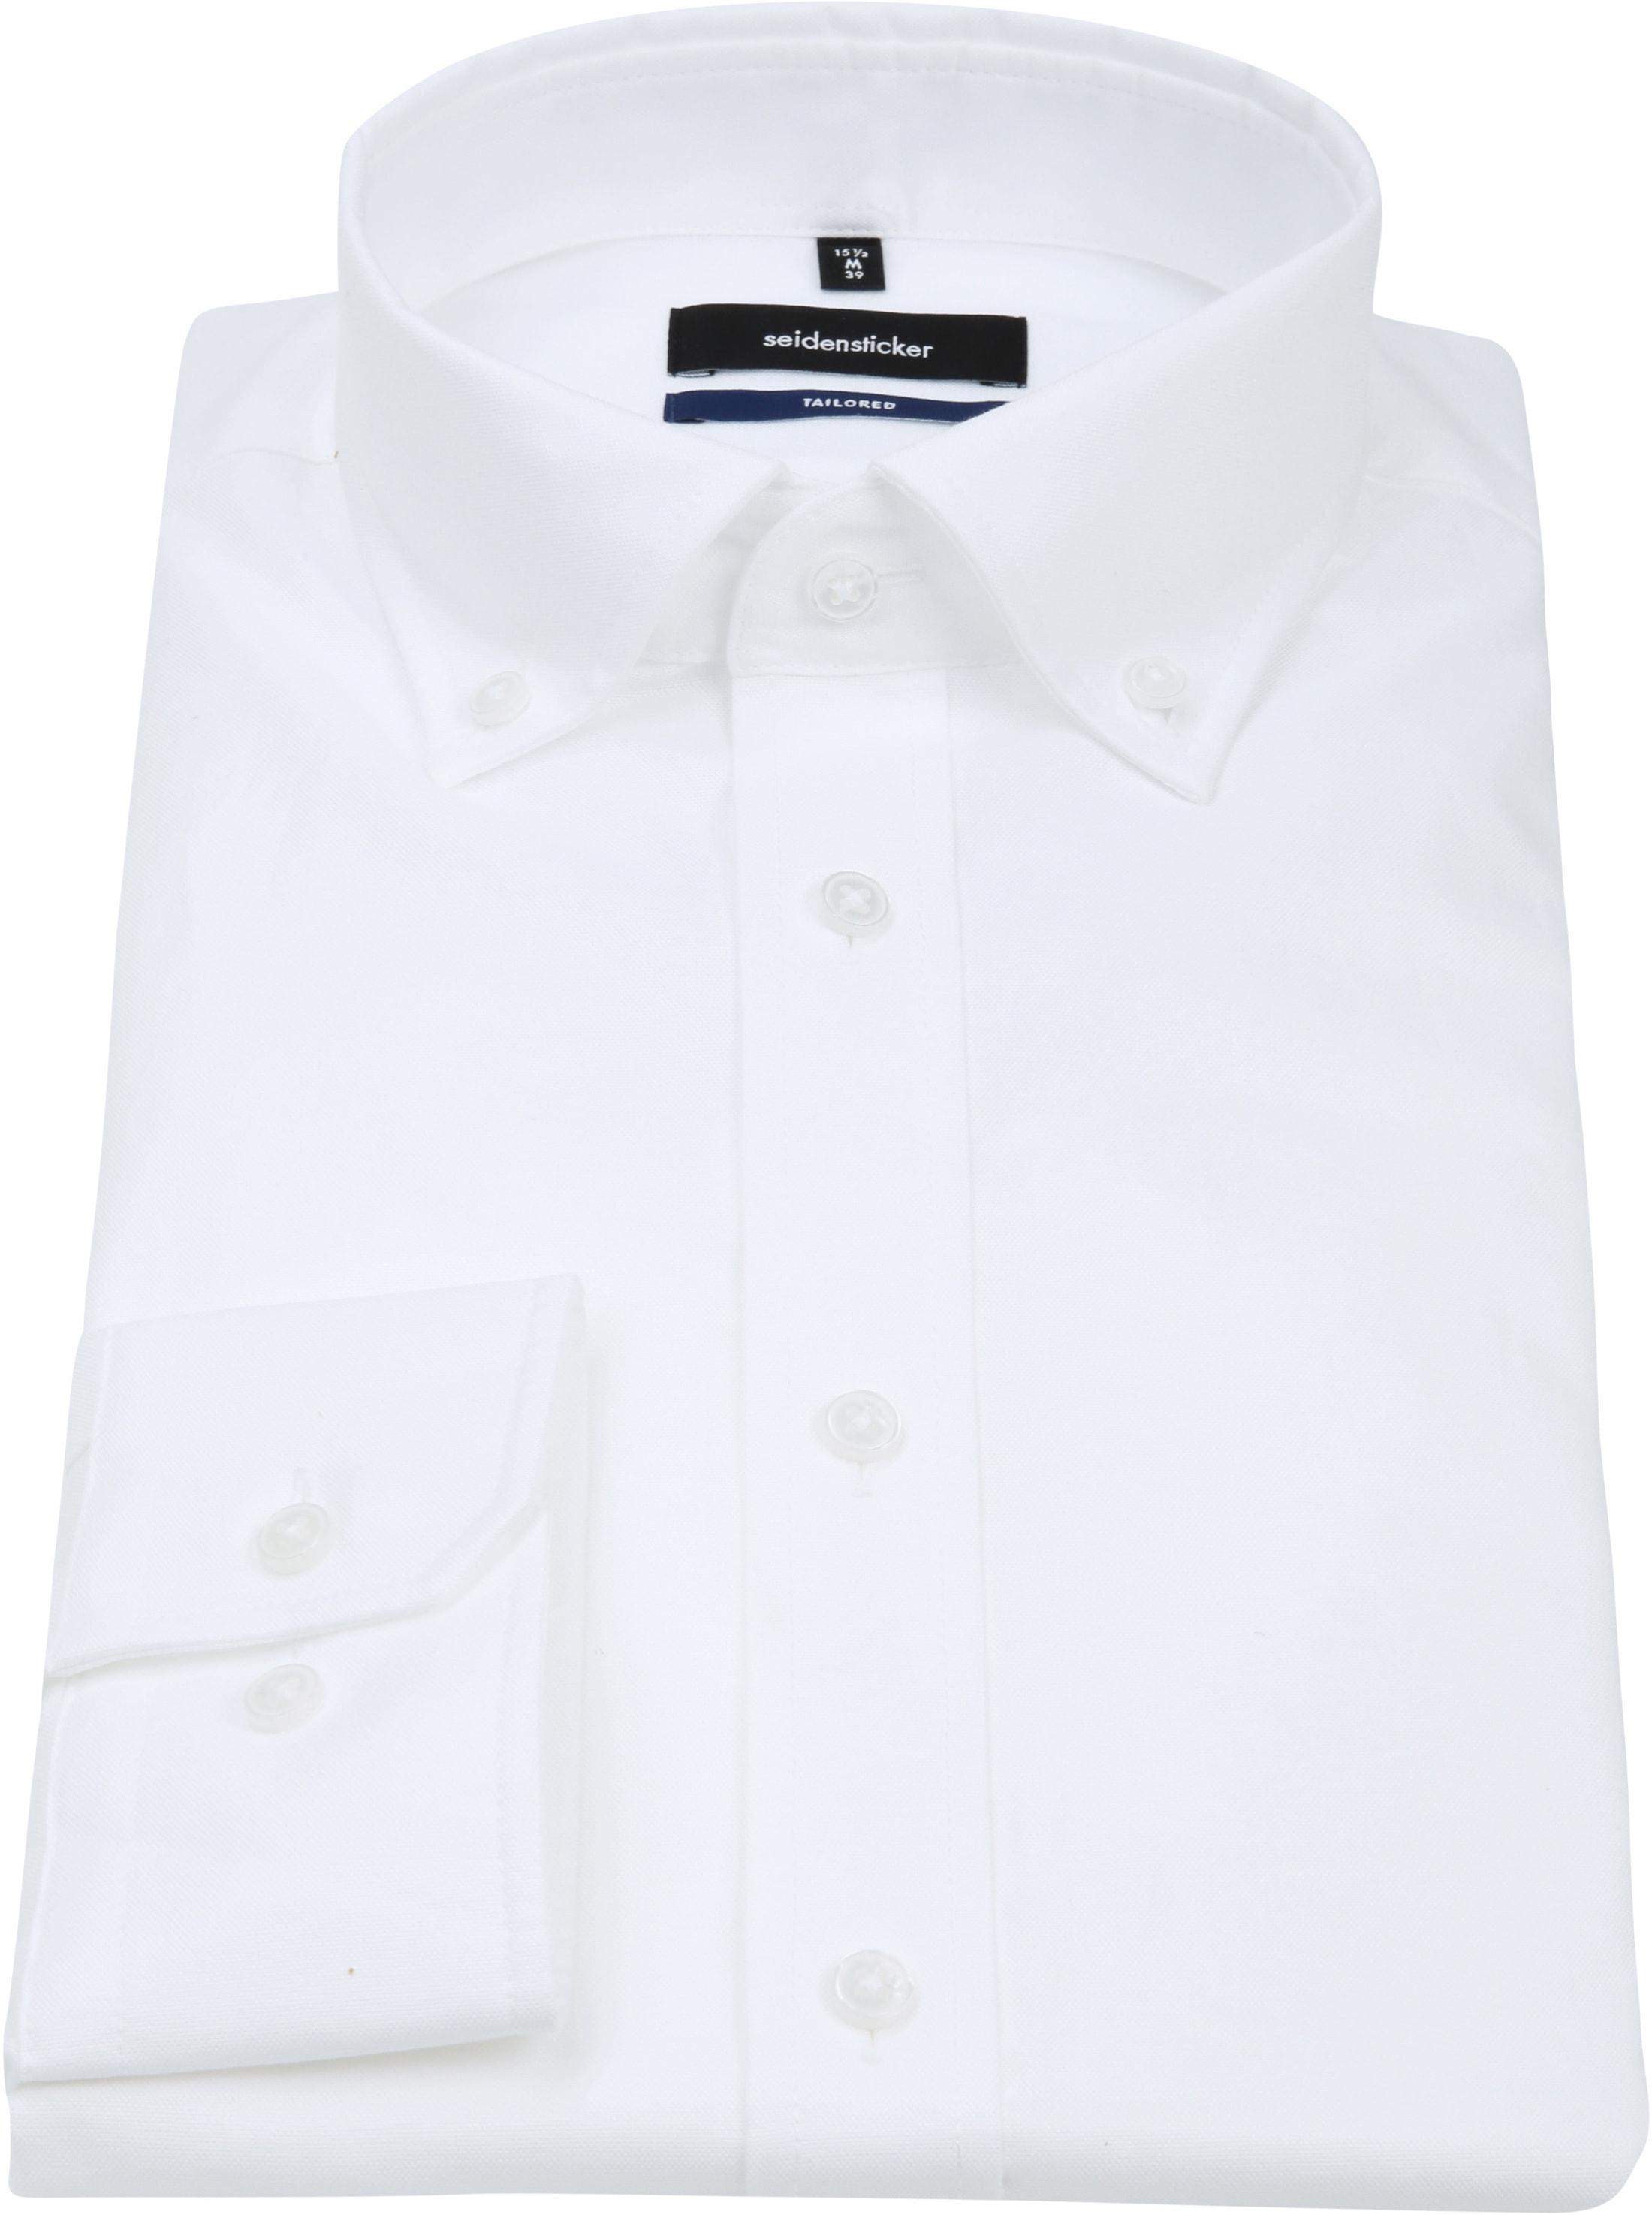 Net wit overhemd voor het werk